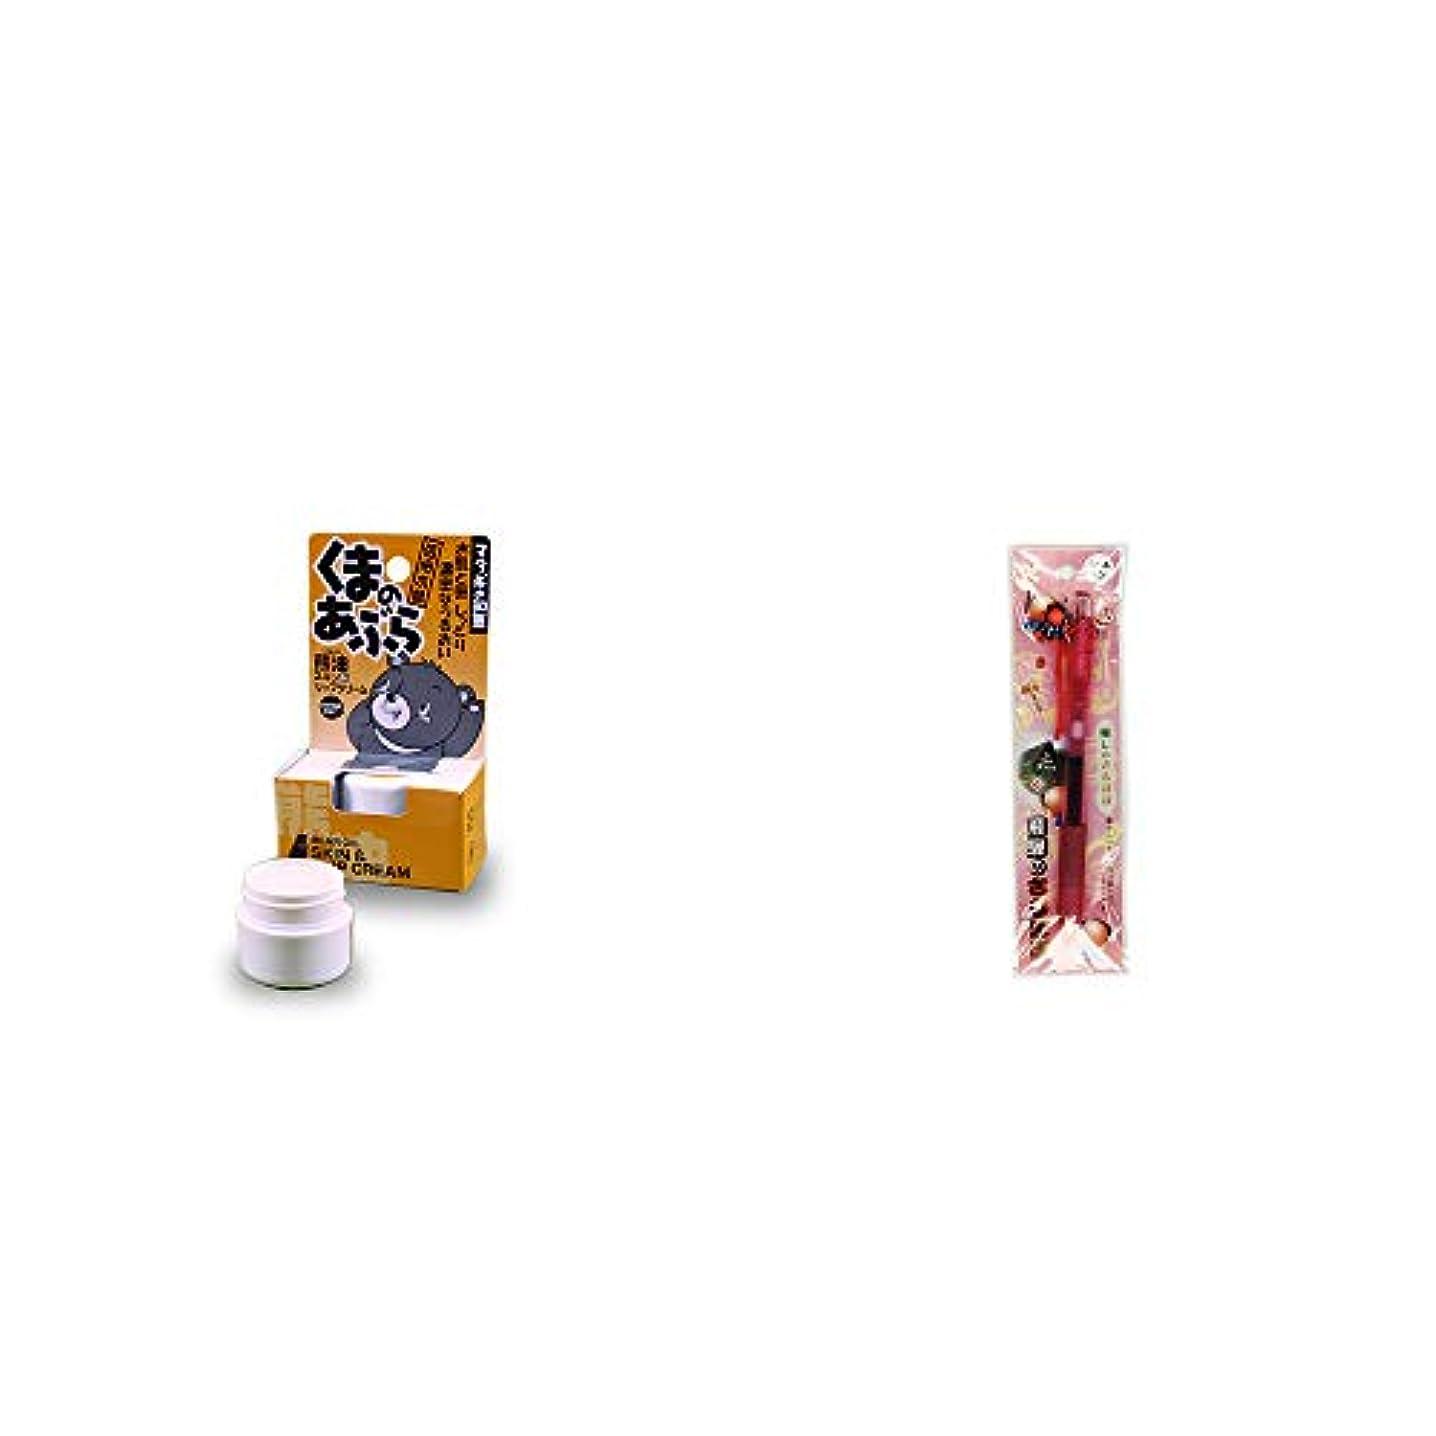 噂影硬さ[2点セット] 信州木曽 くまのあぶら 熊油スキン&リップクリーム(9g)?さるぼぼ 癒しボールペン 【ピンク】